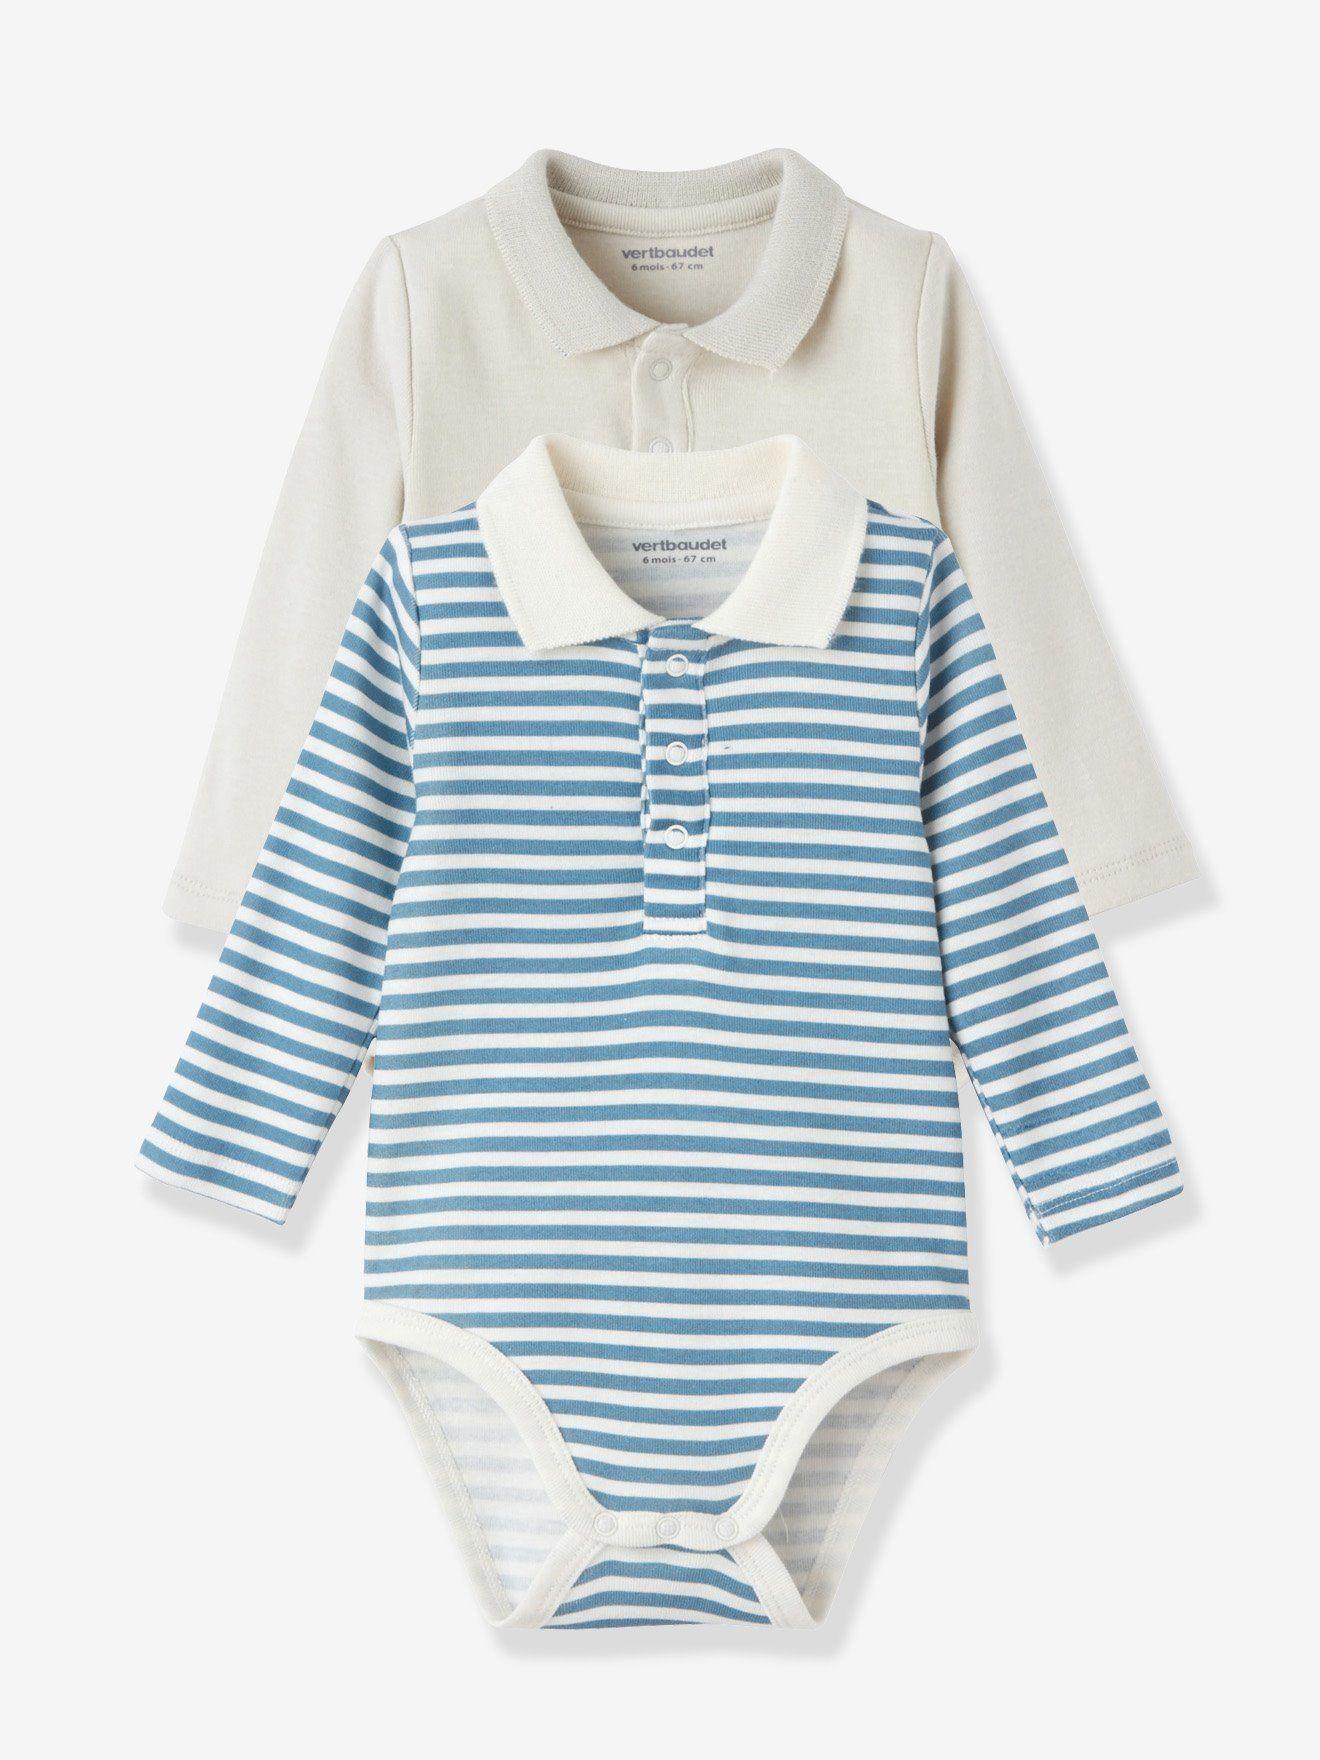 b6c5ffc826f7f Lot de 2 bodies bébé col polo gris clair+rayé - Parce que le body ...